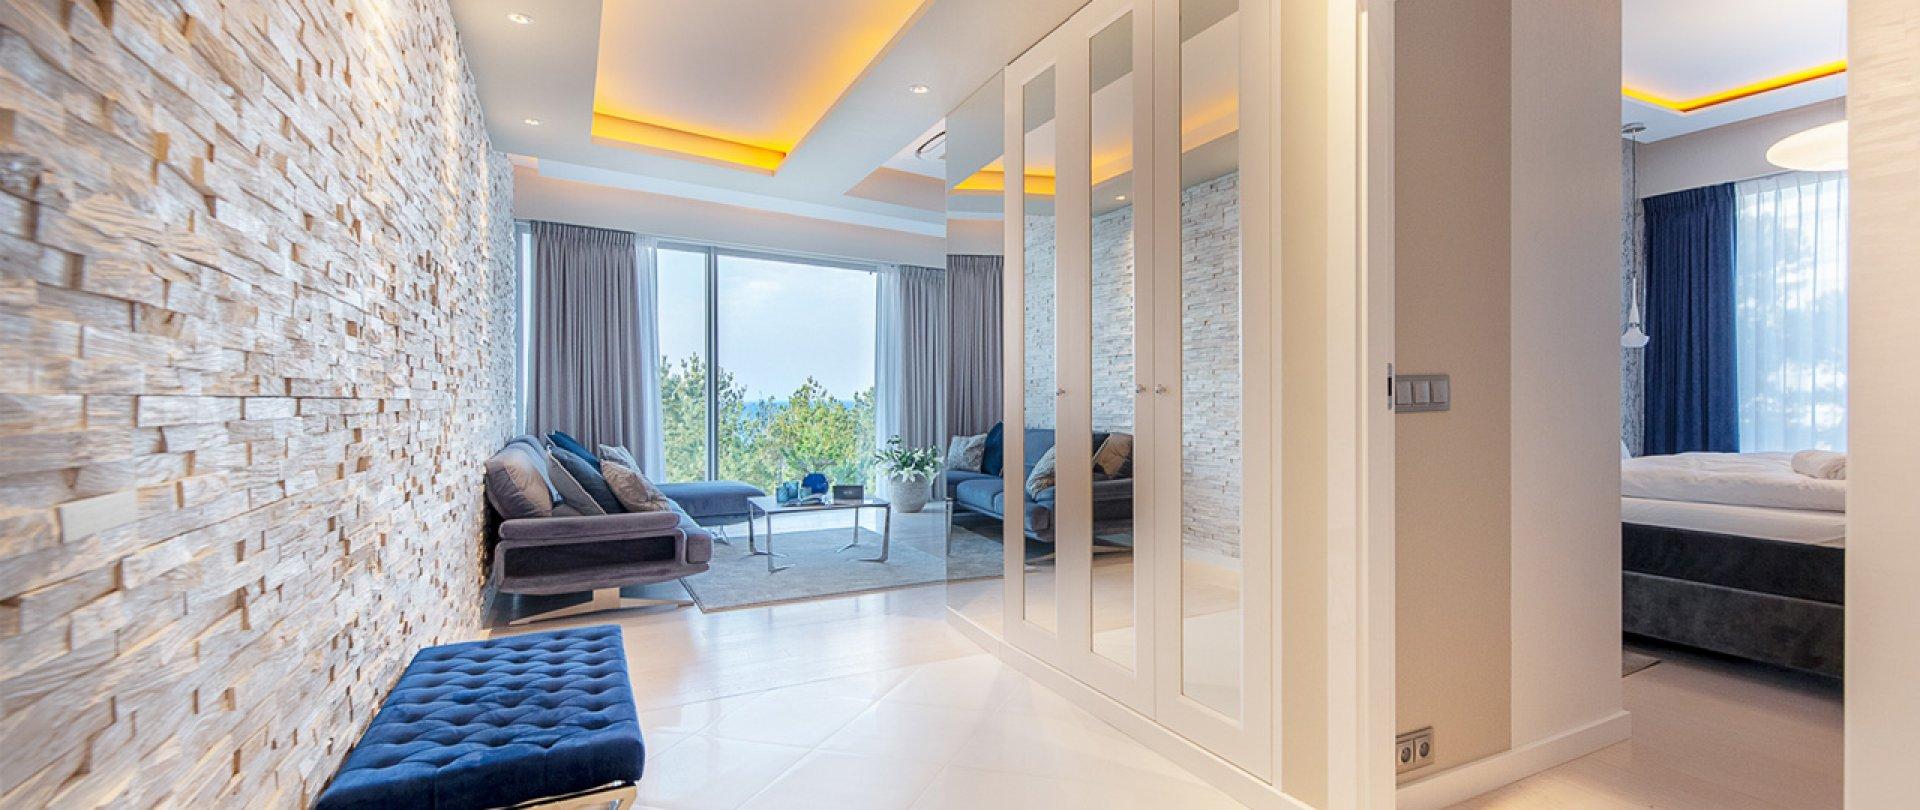 Zwei-Schlafzimmer-Apartment B317 (Meerblick)